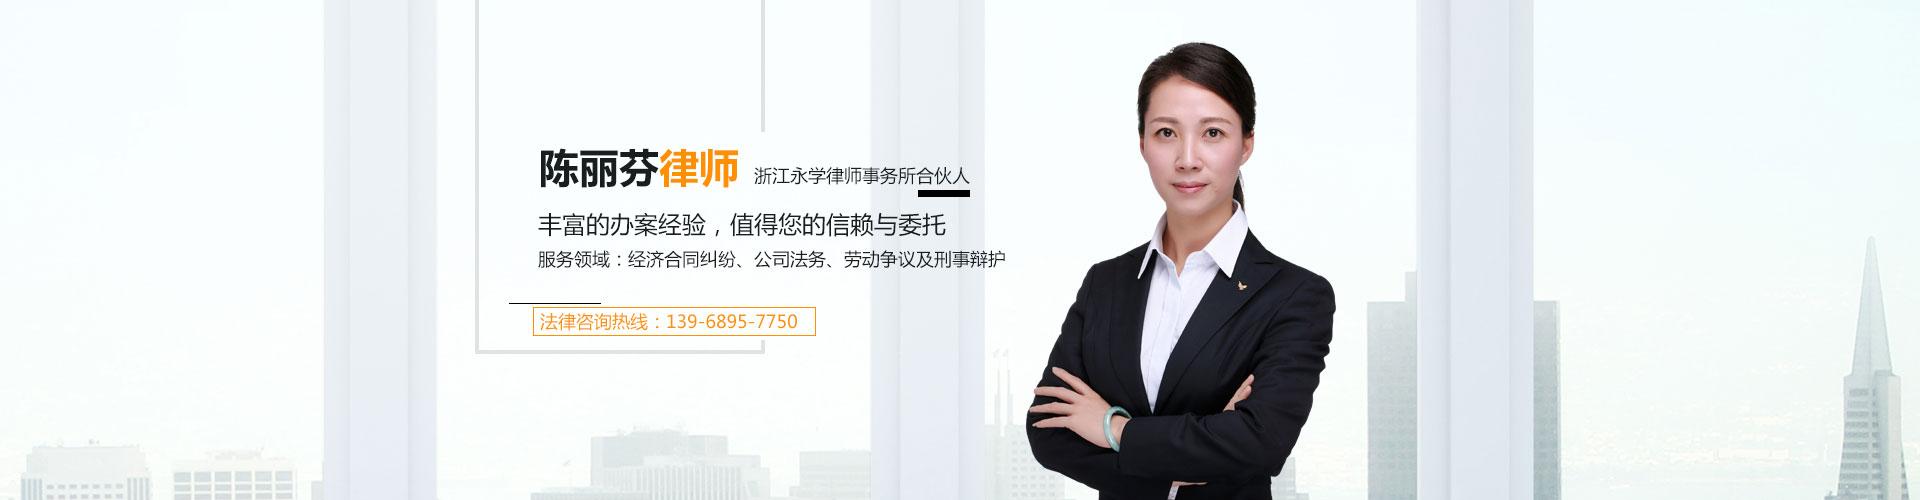 浙江陈丽芬律师